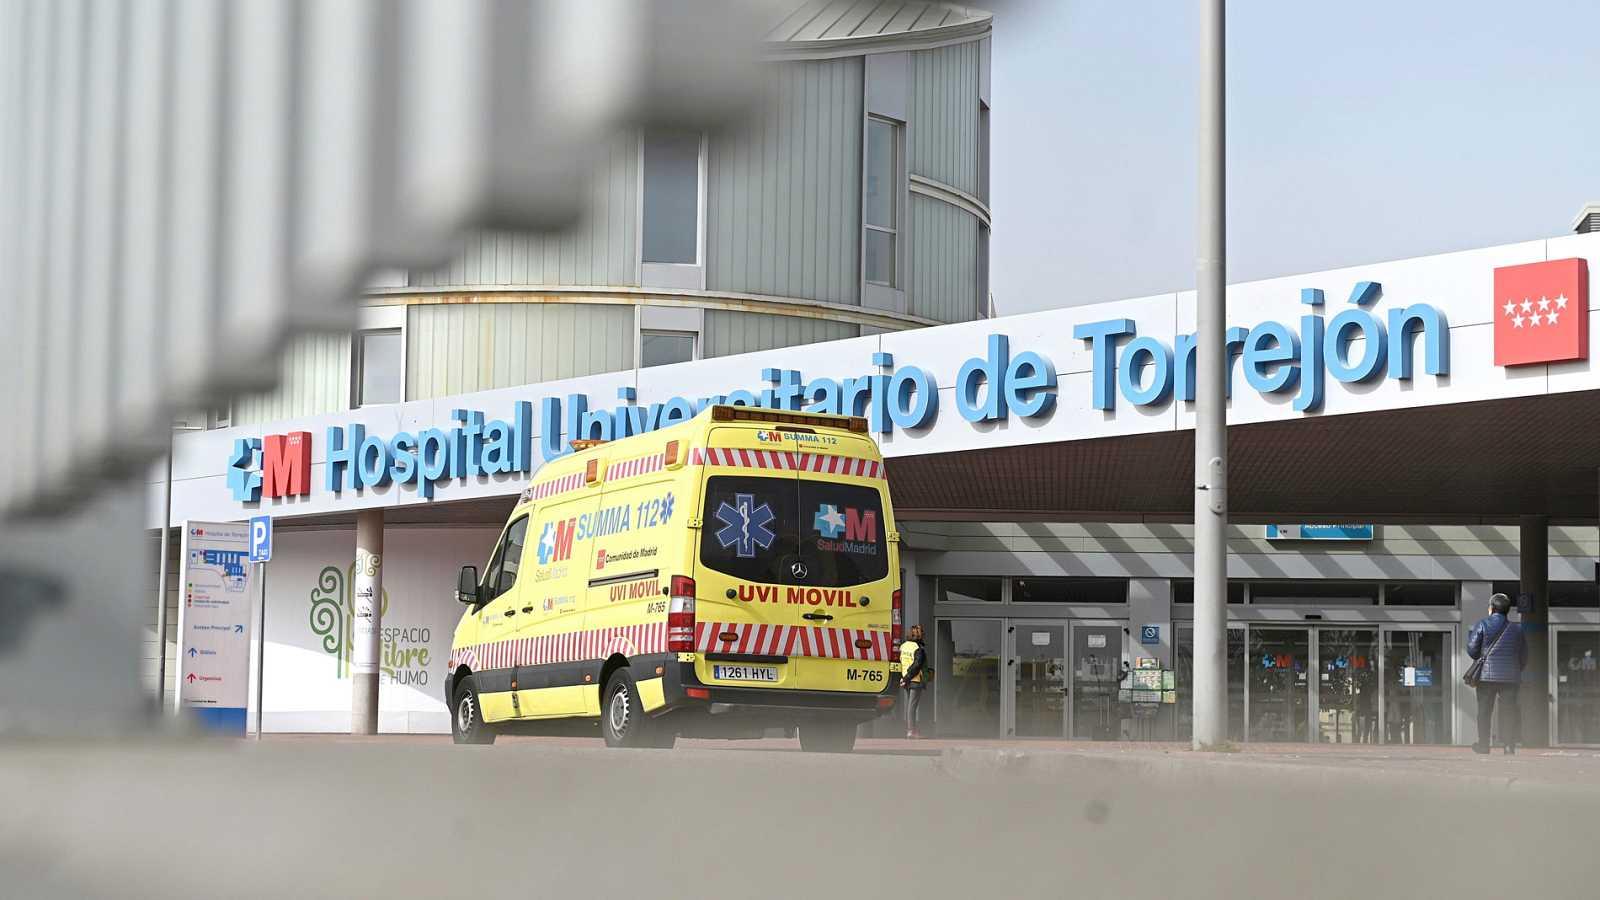 Sanidad confirma 23 nuevos casos de coronavirus en España, uno de ellos en estado grave